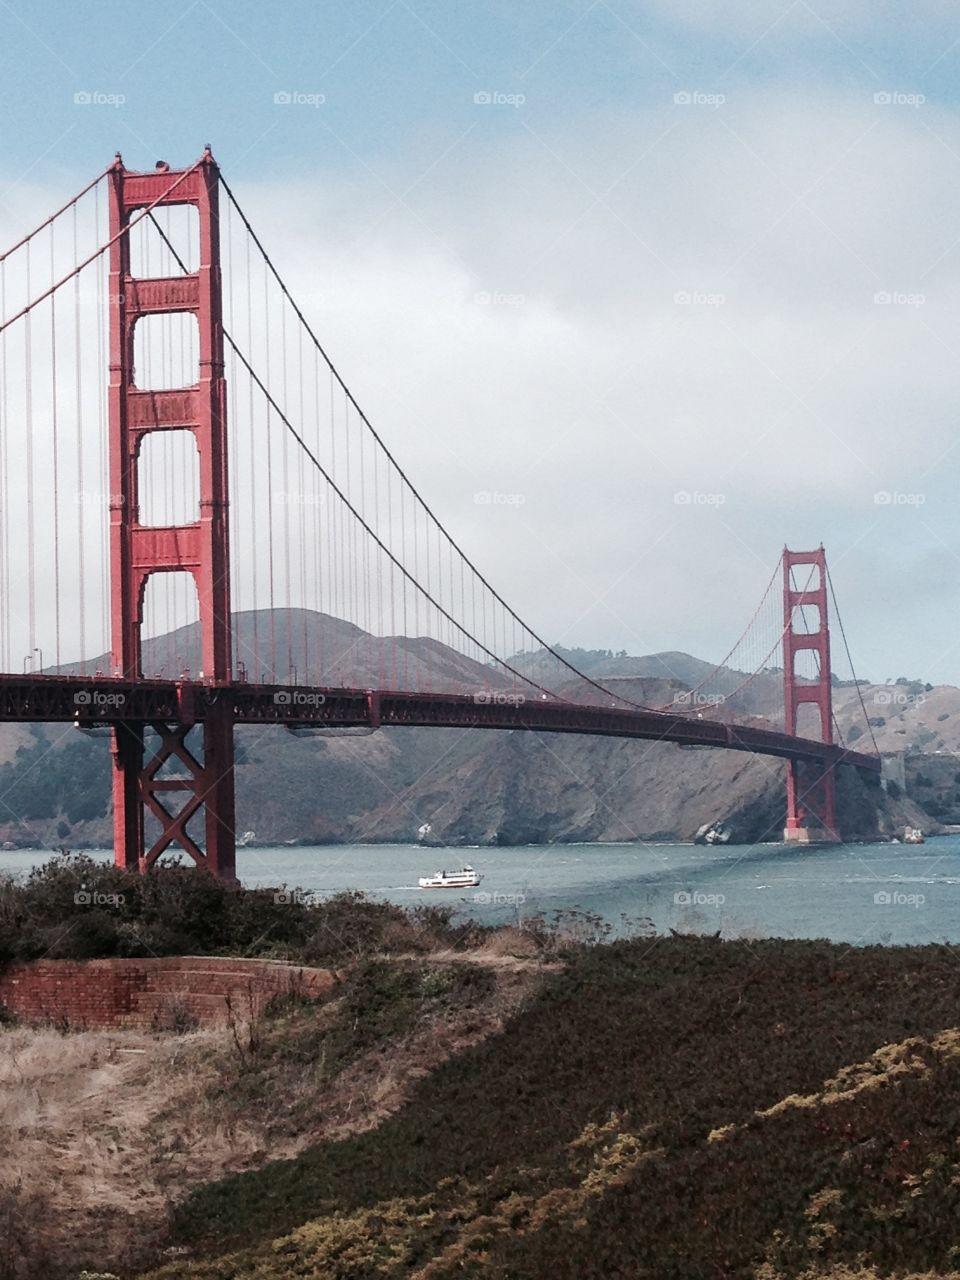 San Francisco-amazing,full of colours,awesome and majestic🌍#michaltoloczkopodroznik #michaltoloczko #natgeotravel #adventuretime #sanfrancisco #life #lifestyle #adventure #photoshoot #blog #photography #photo #photooftheday #discoveryourworld #travelbloggers #photogrid #travel #travelgram #traveling #usa #california #free #blogger #freedom #landscape #travelbug #iloveusa #discovery #travelbloggers #traveltheworld #view